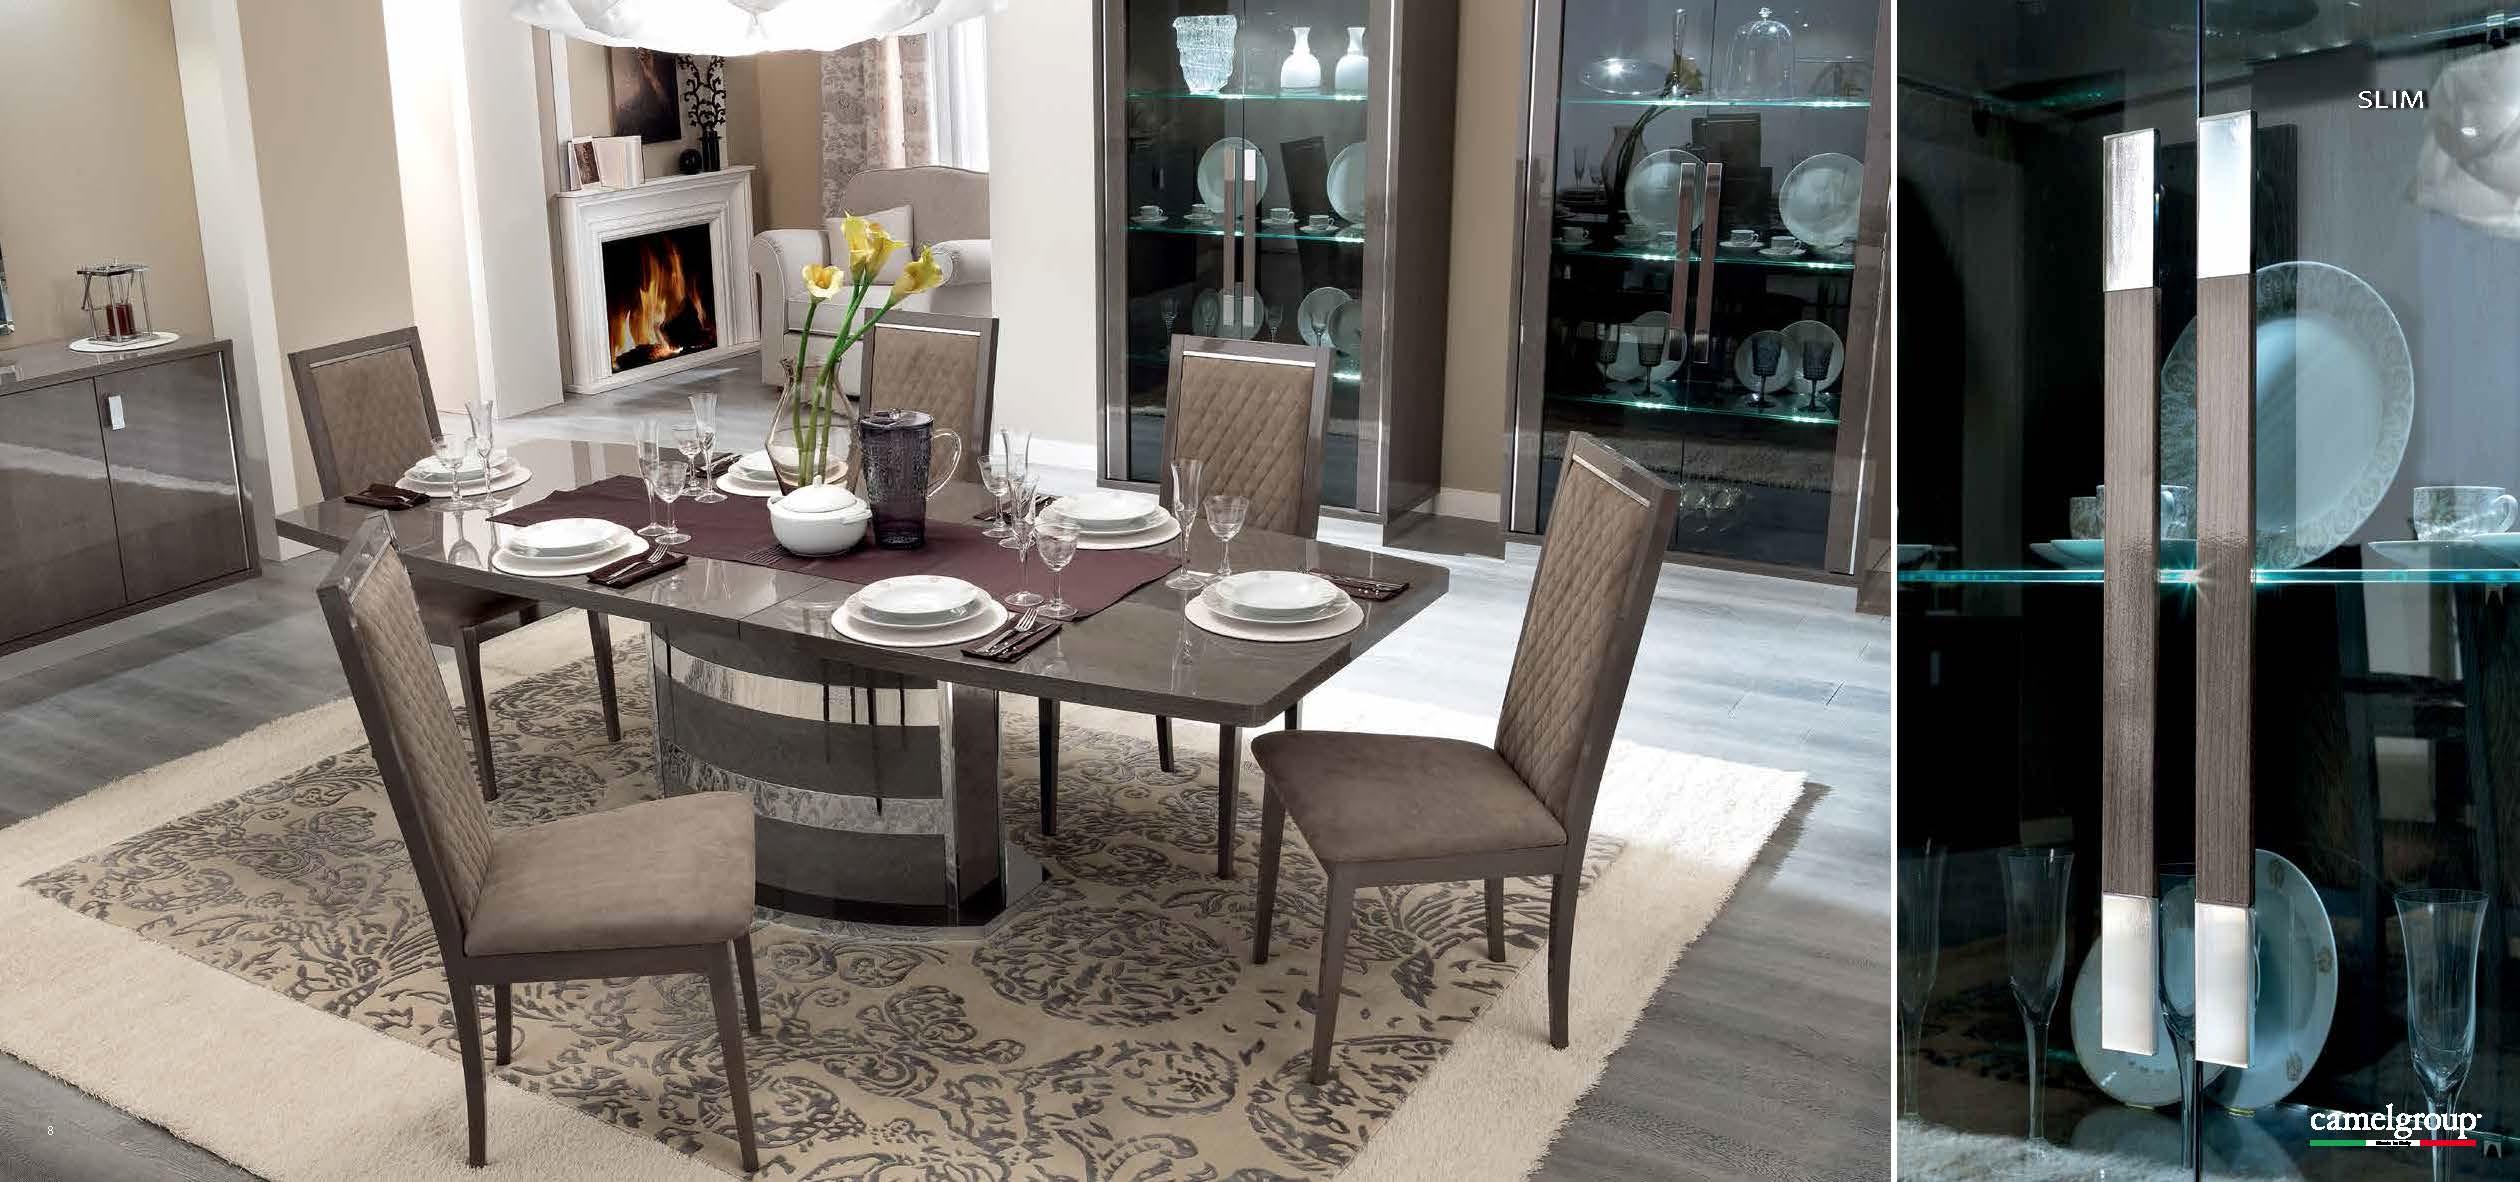 new - Formal Living Room Furniture